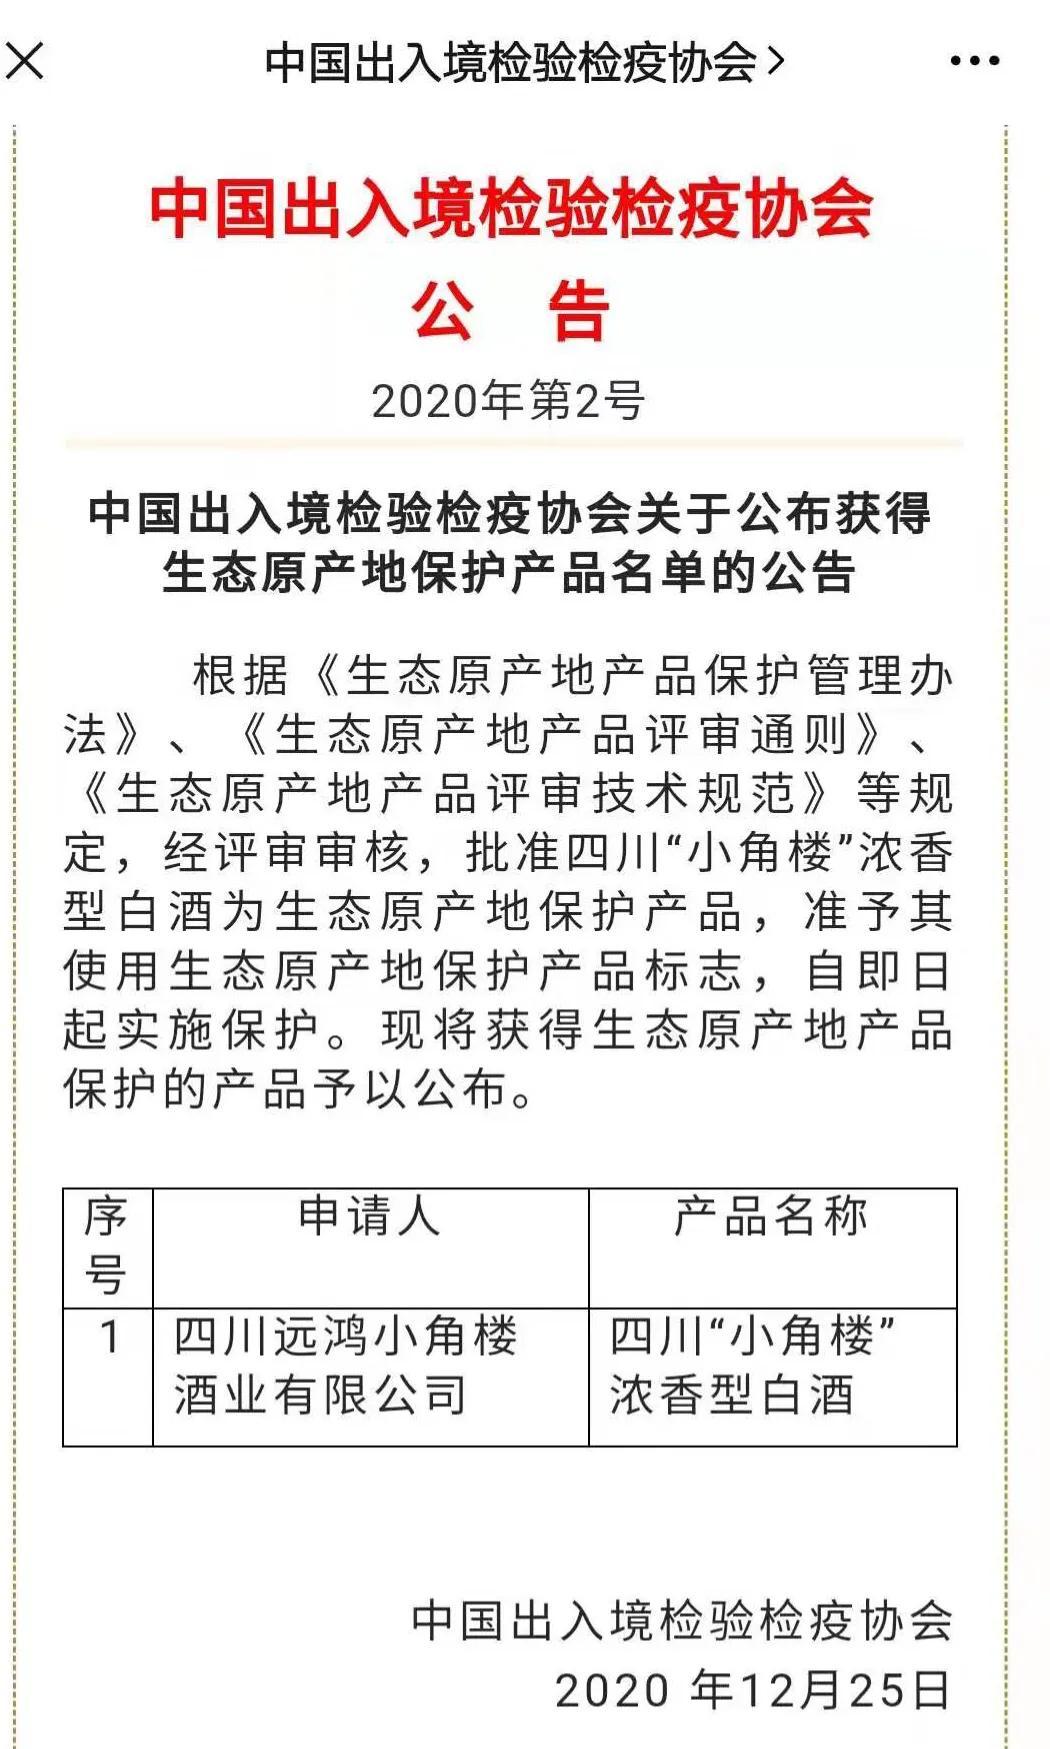 """独家报道 中国出入境检验检疫协会认定""""小角楼白酒""""获生态原产地产品保护"""